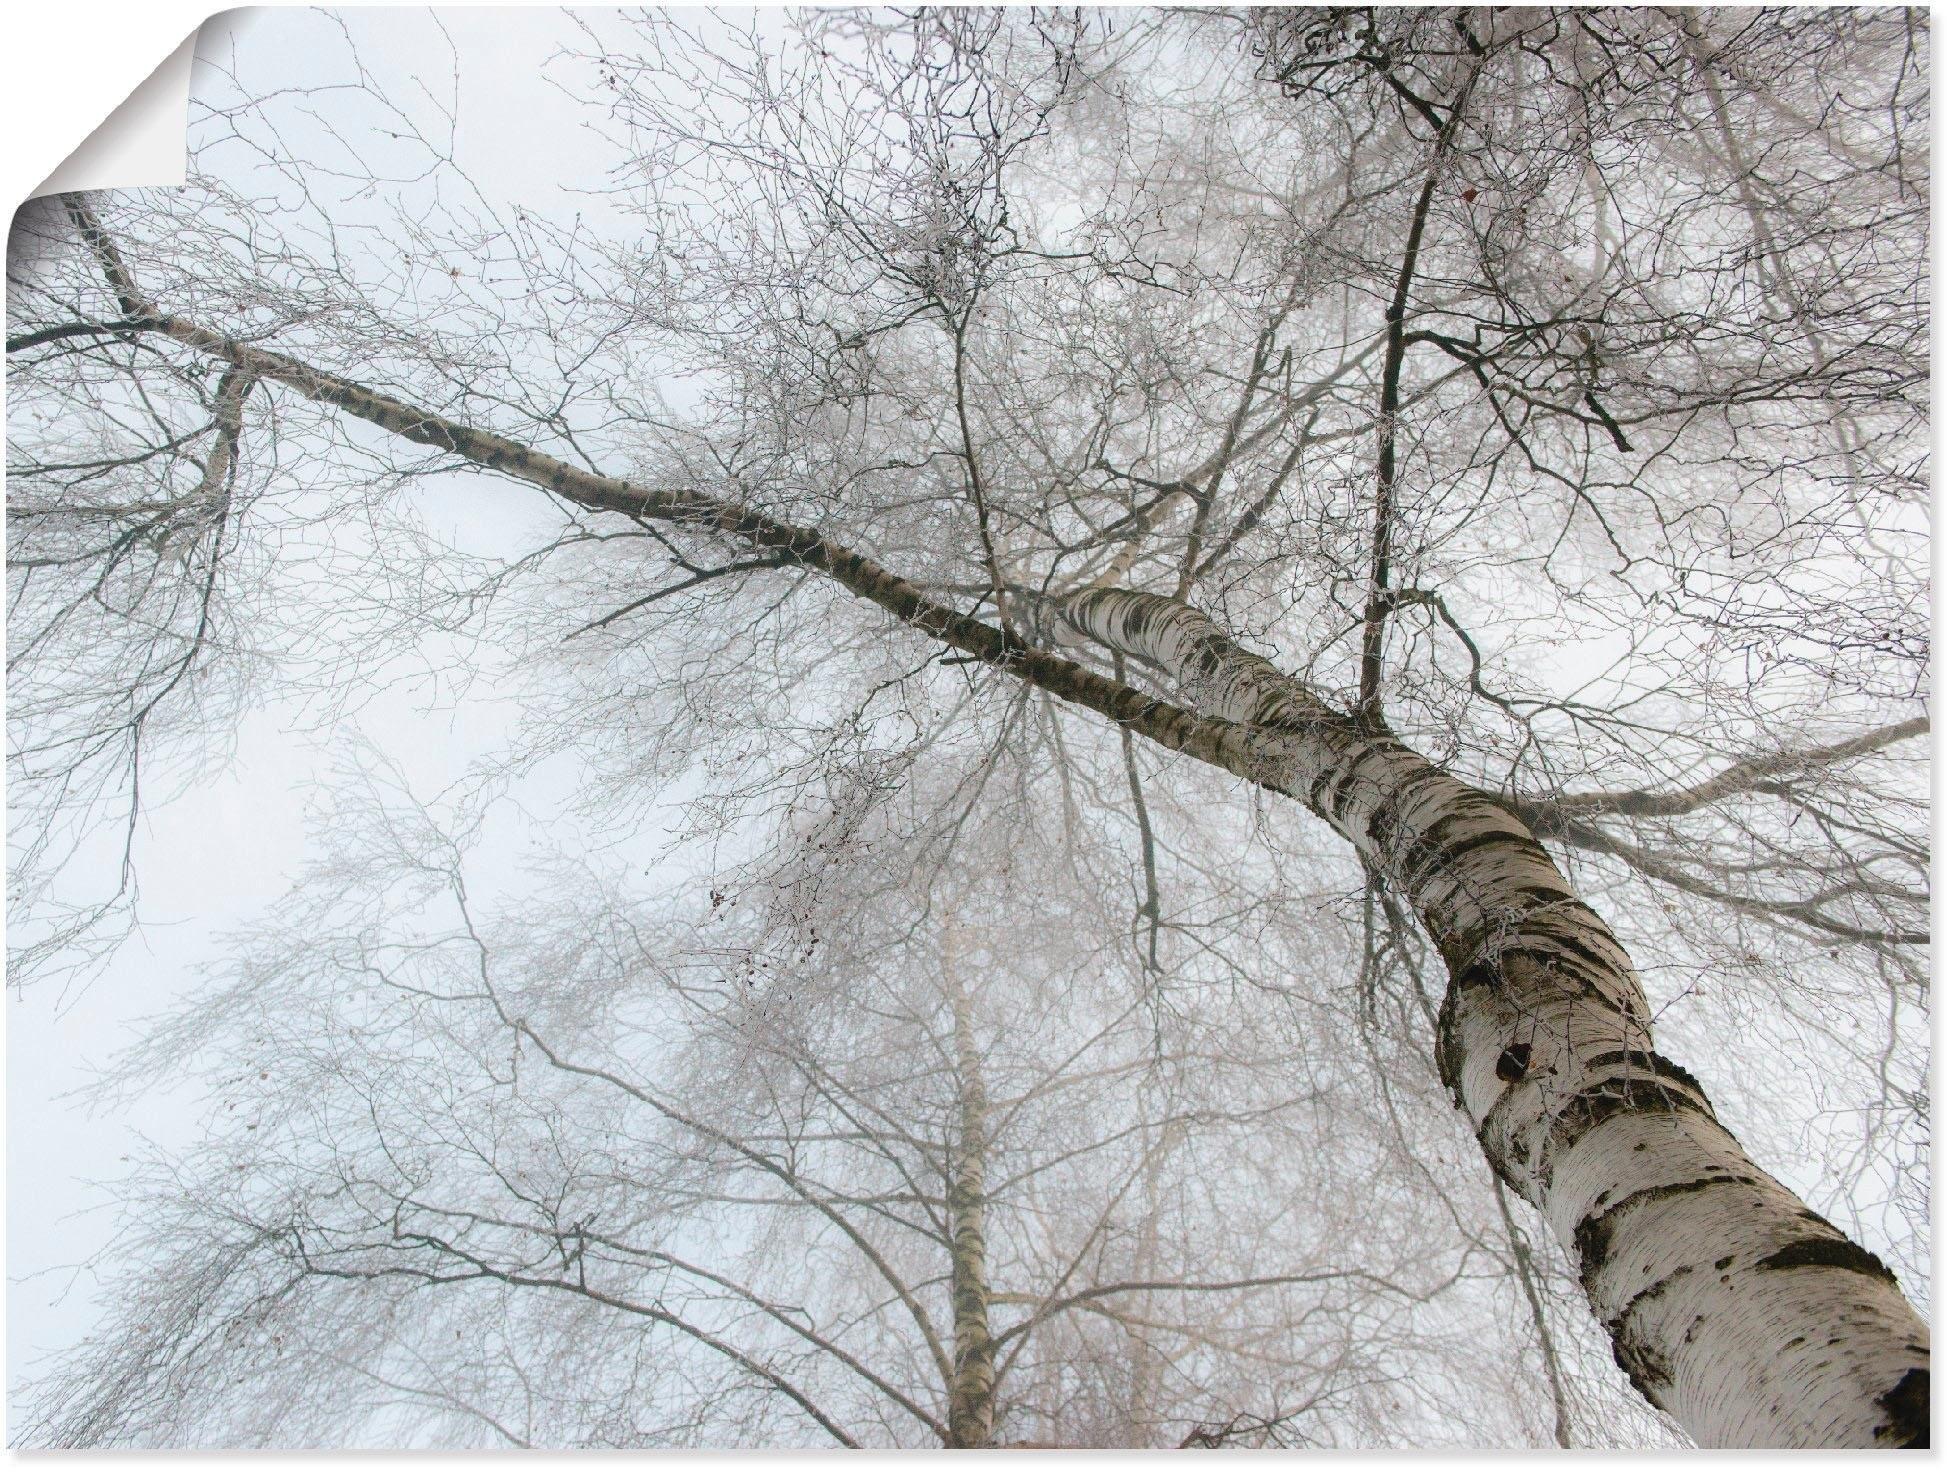 Artland artprint »Winter Birke« bestellen: 30 dagen bedenktijd